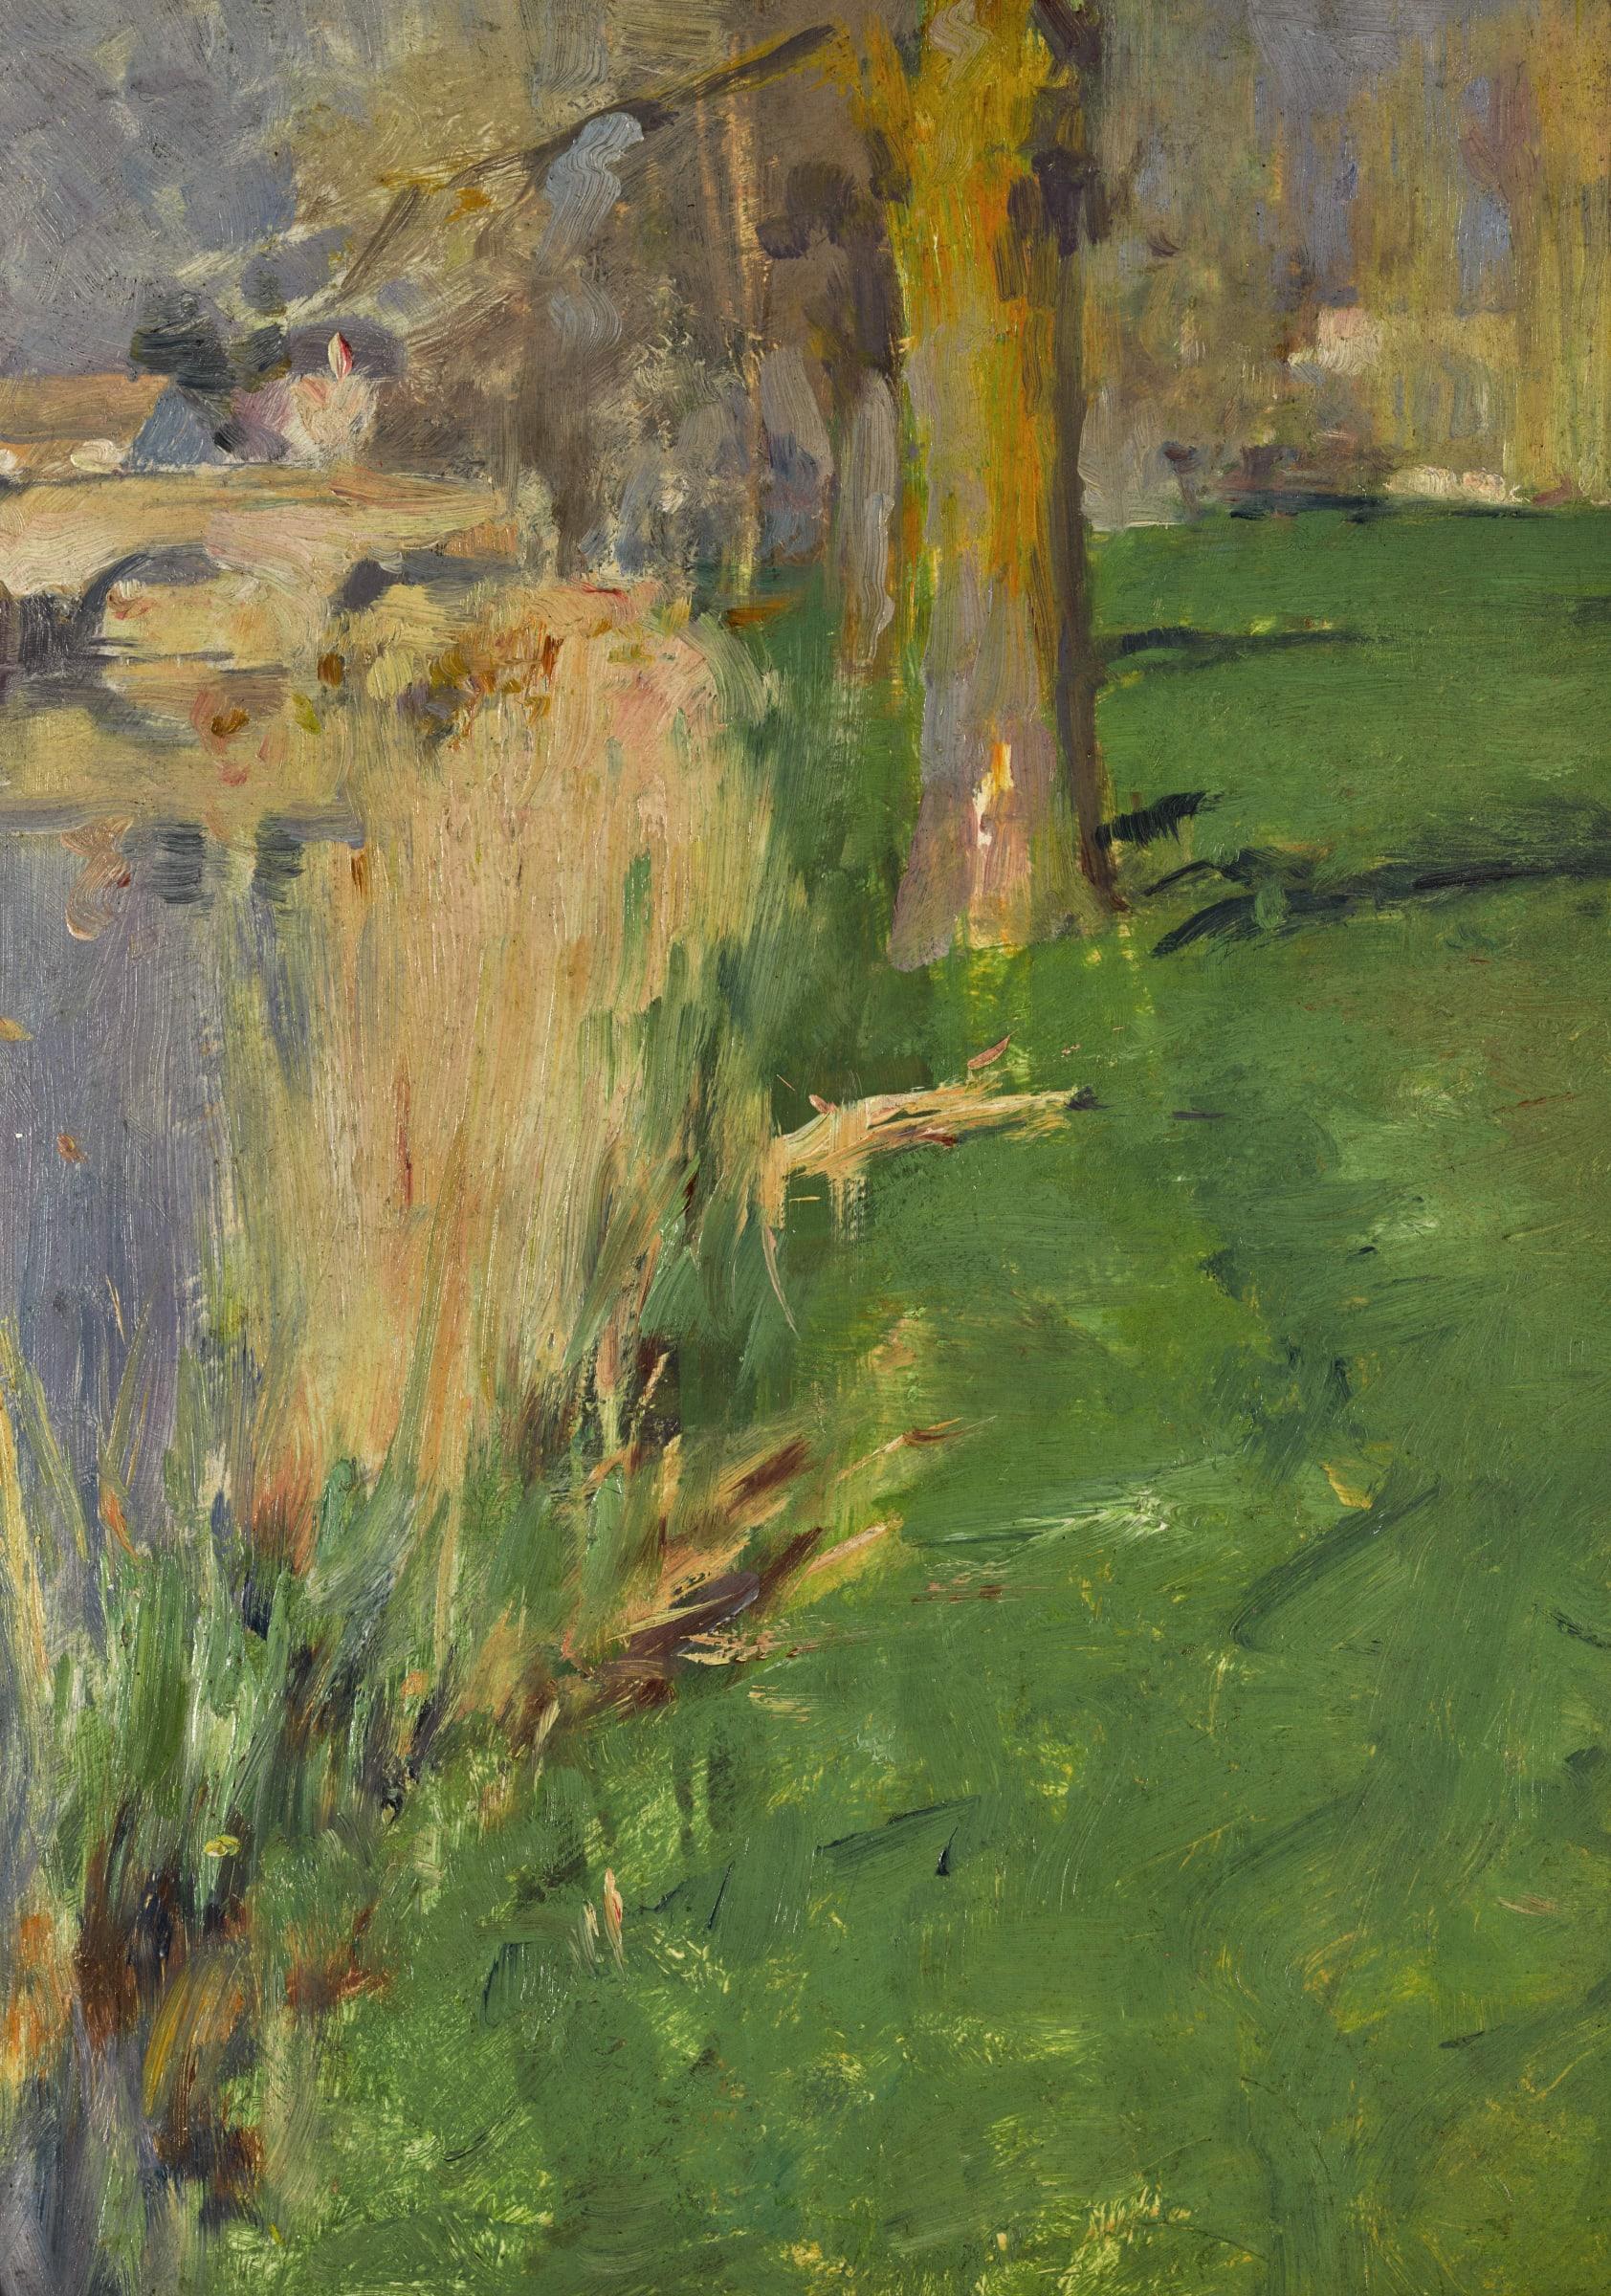 <span class=&#34;link fancybox-details-link&#34;><a href=&#34;/artists/87-robert-william-vonnoh/works/9443-robert-william-vonnoh-vue-du-pont-grez-sur-loing-c.a-1886/&#34;>View Detail Page</a></span><div class=&#34;artist&#34;><span class=&#34;artist&#34;><strong>Robert William Vonnoh</strong></span></div><div class=&#34;title&#34;><em>Vue du pont à Grez-sur-Loing</em>, c.a 1886</div><div class=&#34;medium&#34;>Oil on panel</div><div class=&#34;dimensions&#34;>33 x 22.9 cm<br /> 13 x 9 inches<br /> </div>